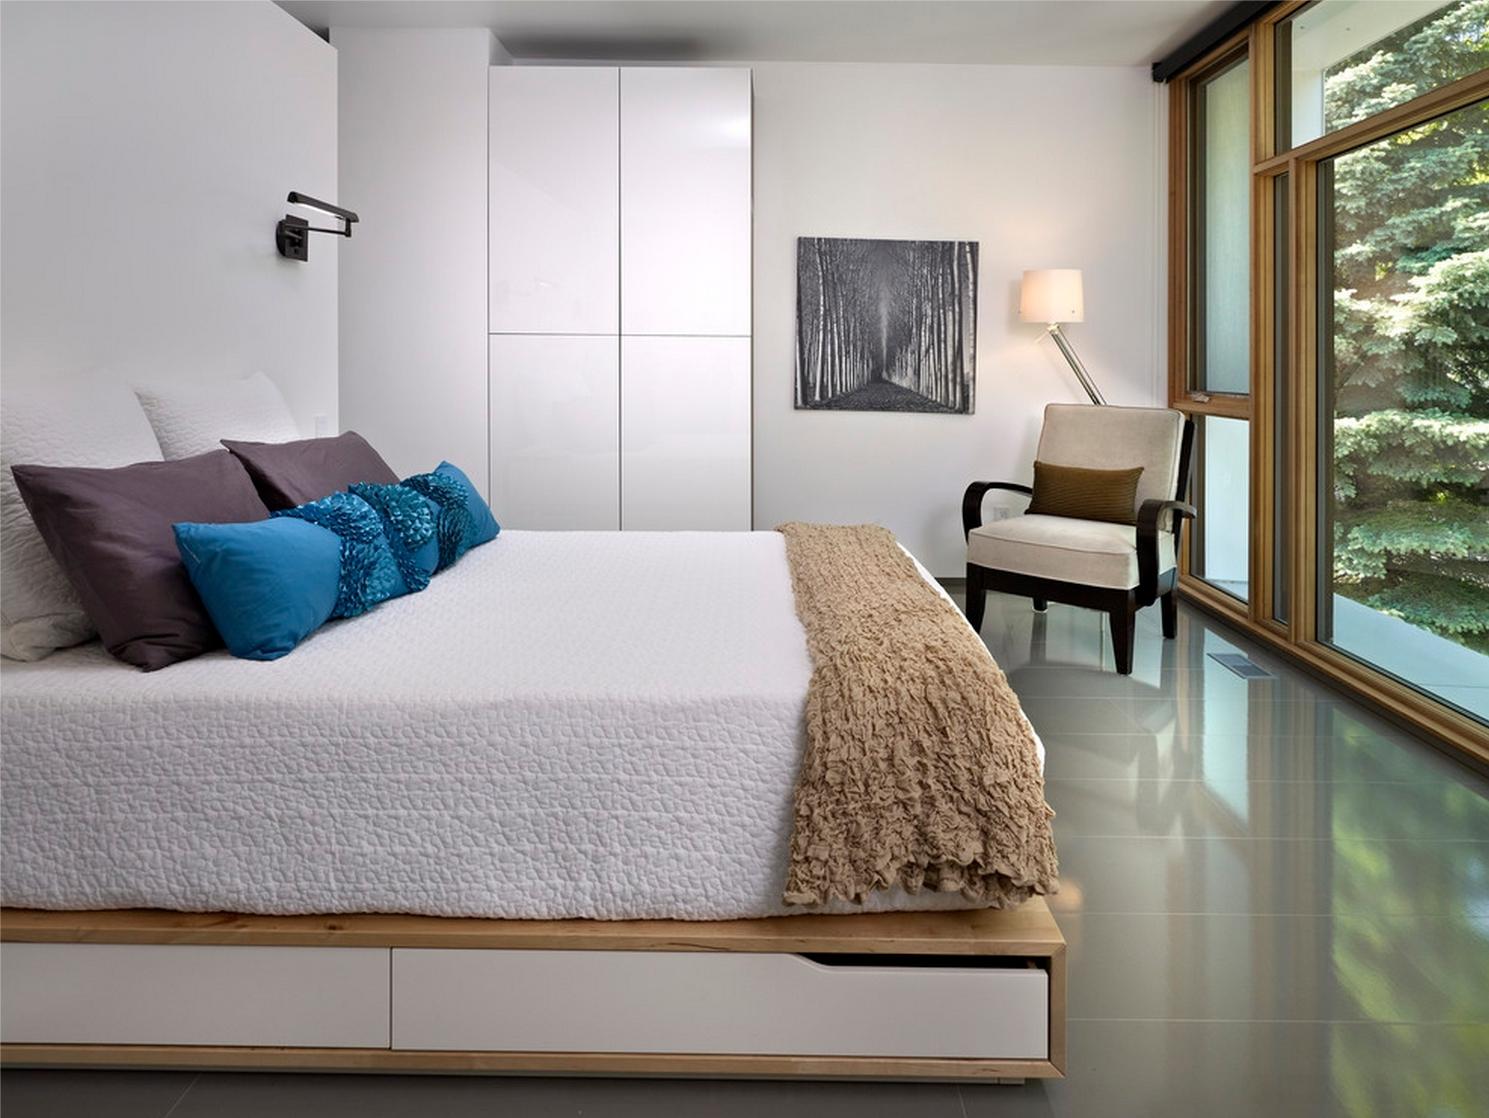 Кровать подиум в загородном доме